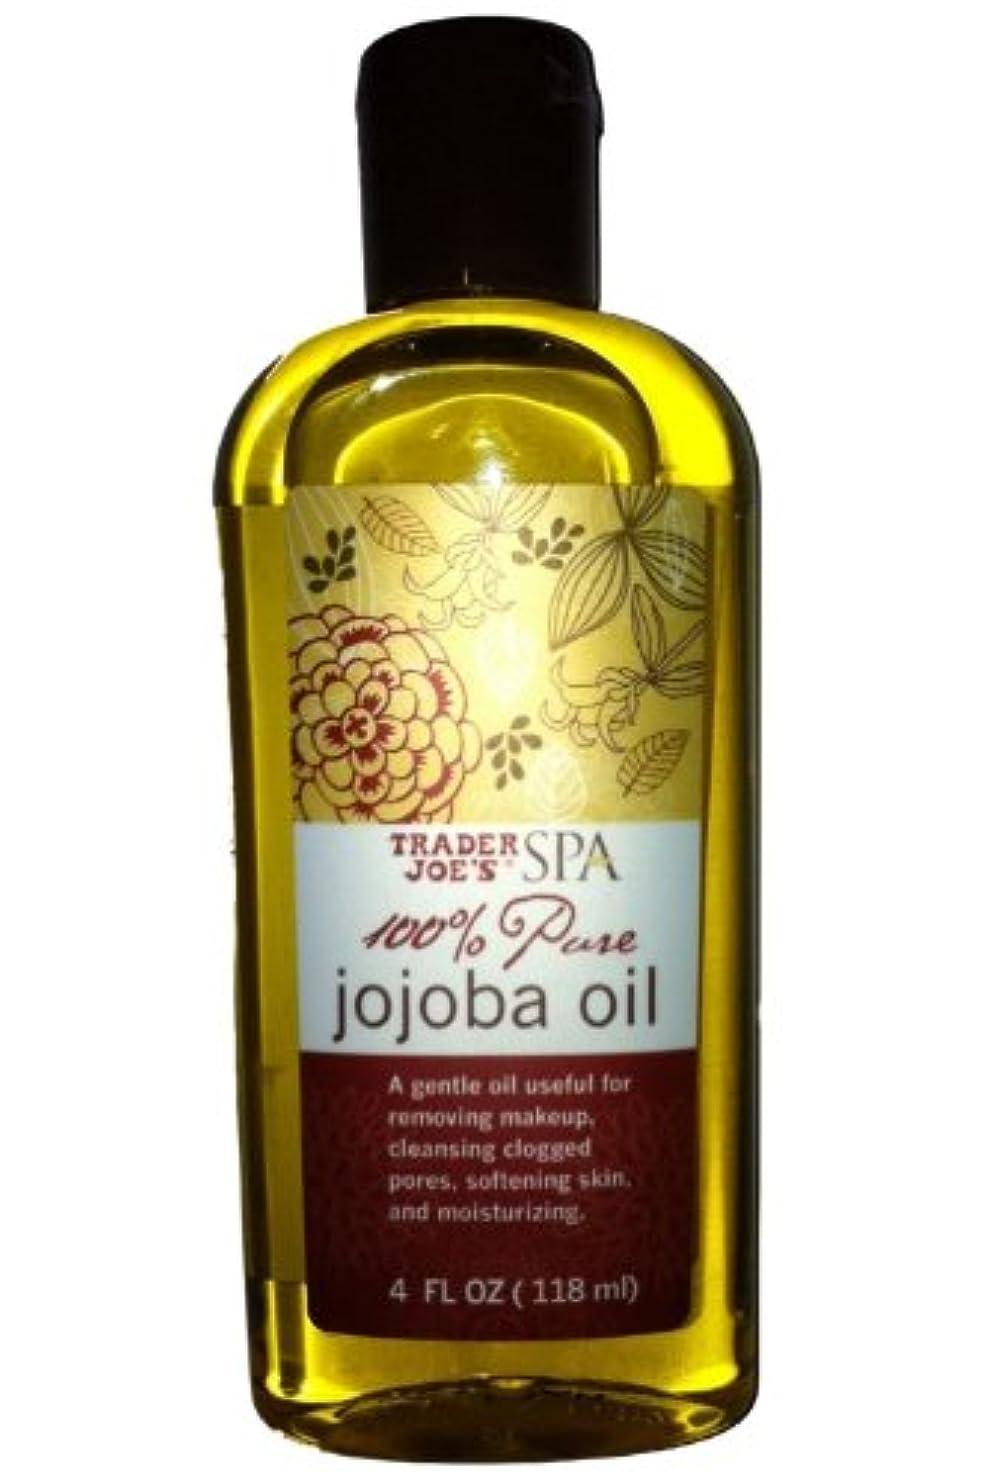 パラシュート知覚的暗殺するトレーダージョーズ 100%ピュア ホホバオイル[並行輸入品] Trader Joe's SPA 100% Pure Jojoba Oil (4FL OZ/118ml)